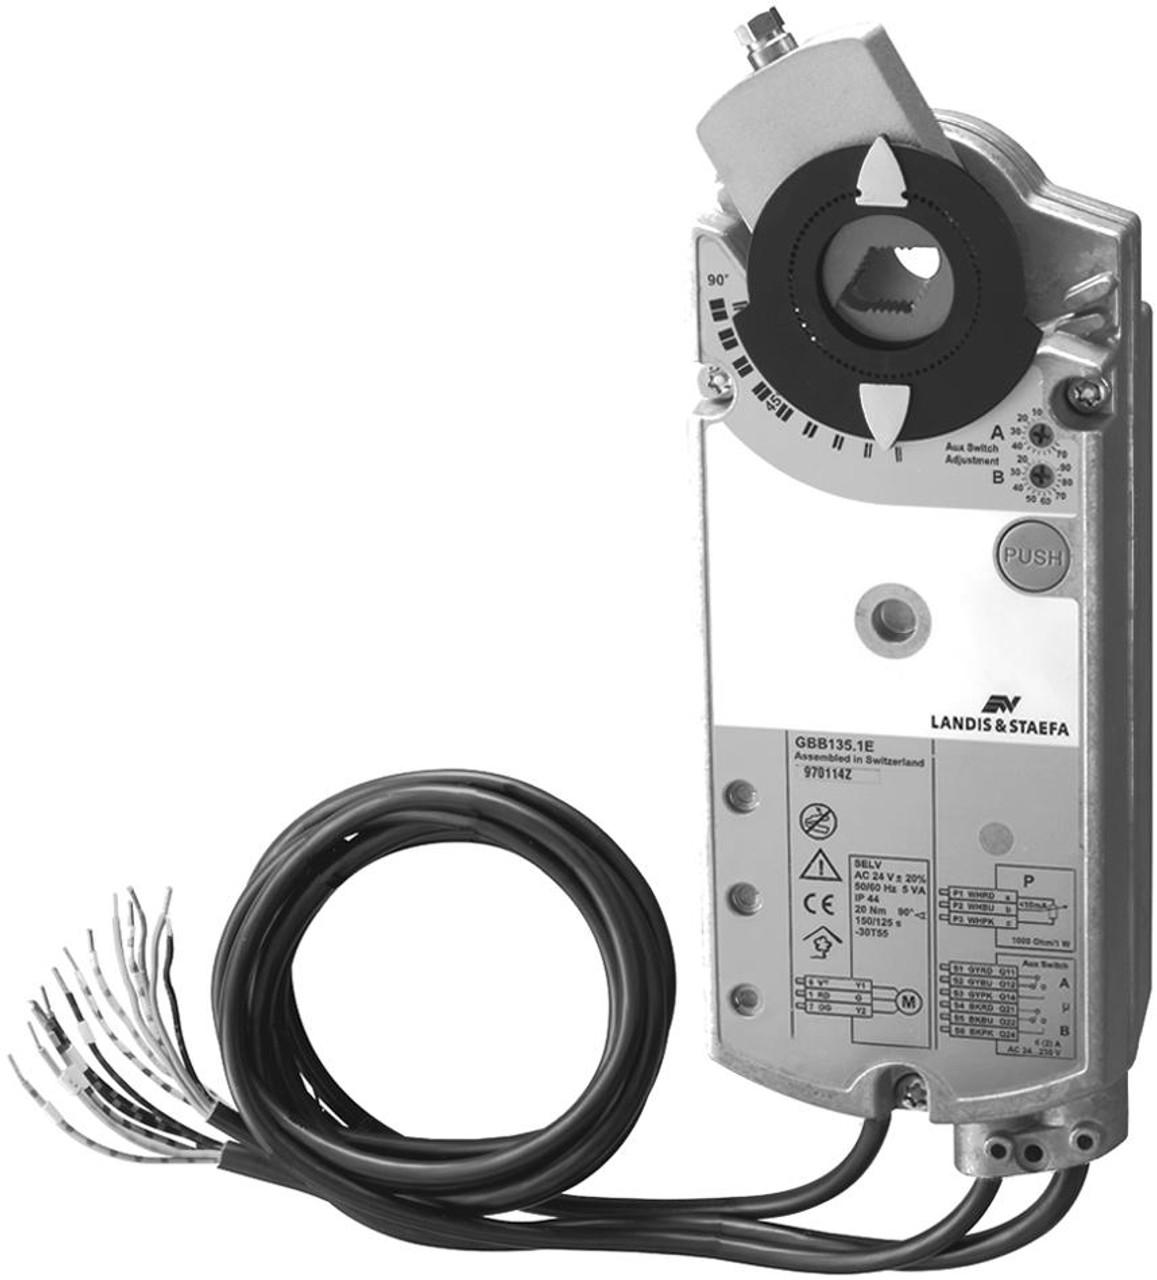 GBB331.1E rotary air damper actuator